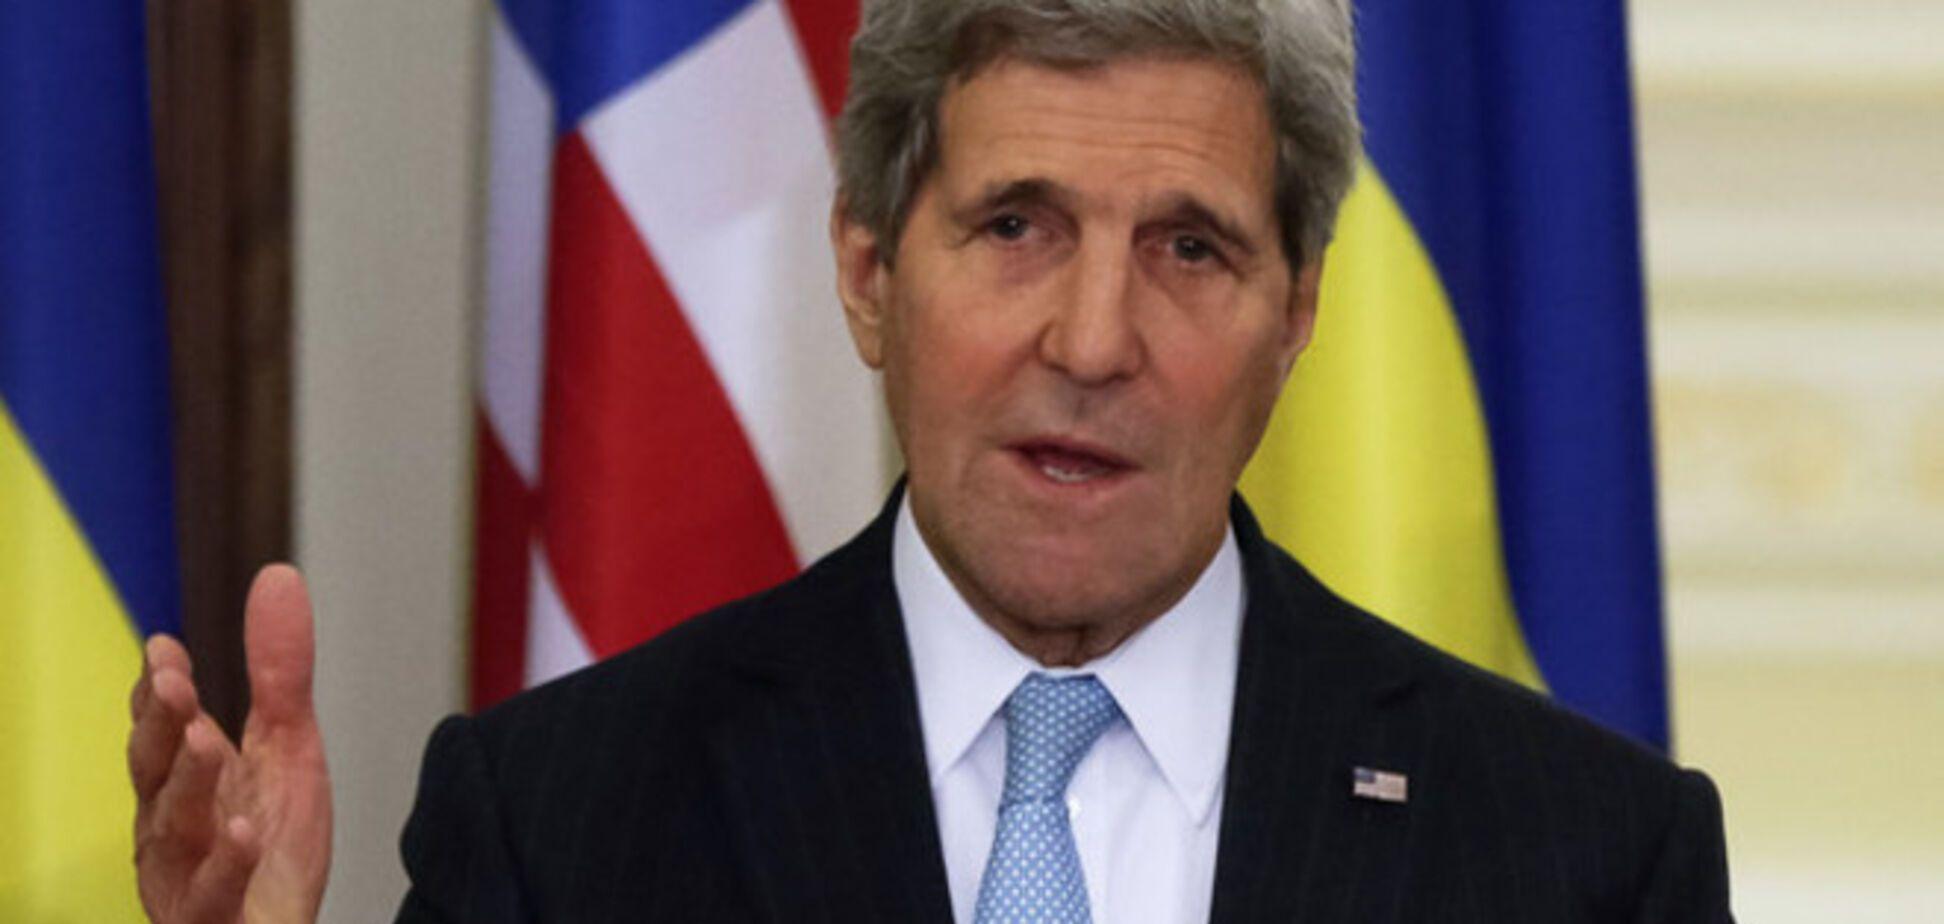 Політолог пояснив, яке значення для України має заява Керрі